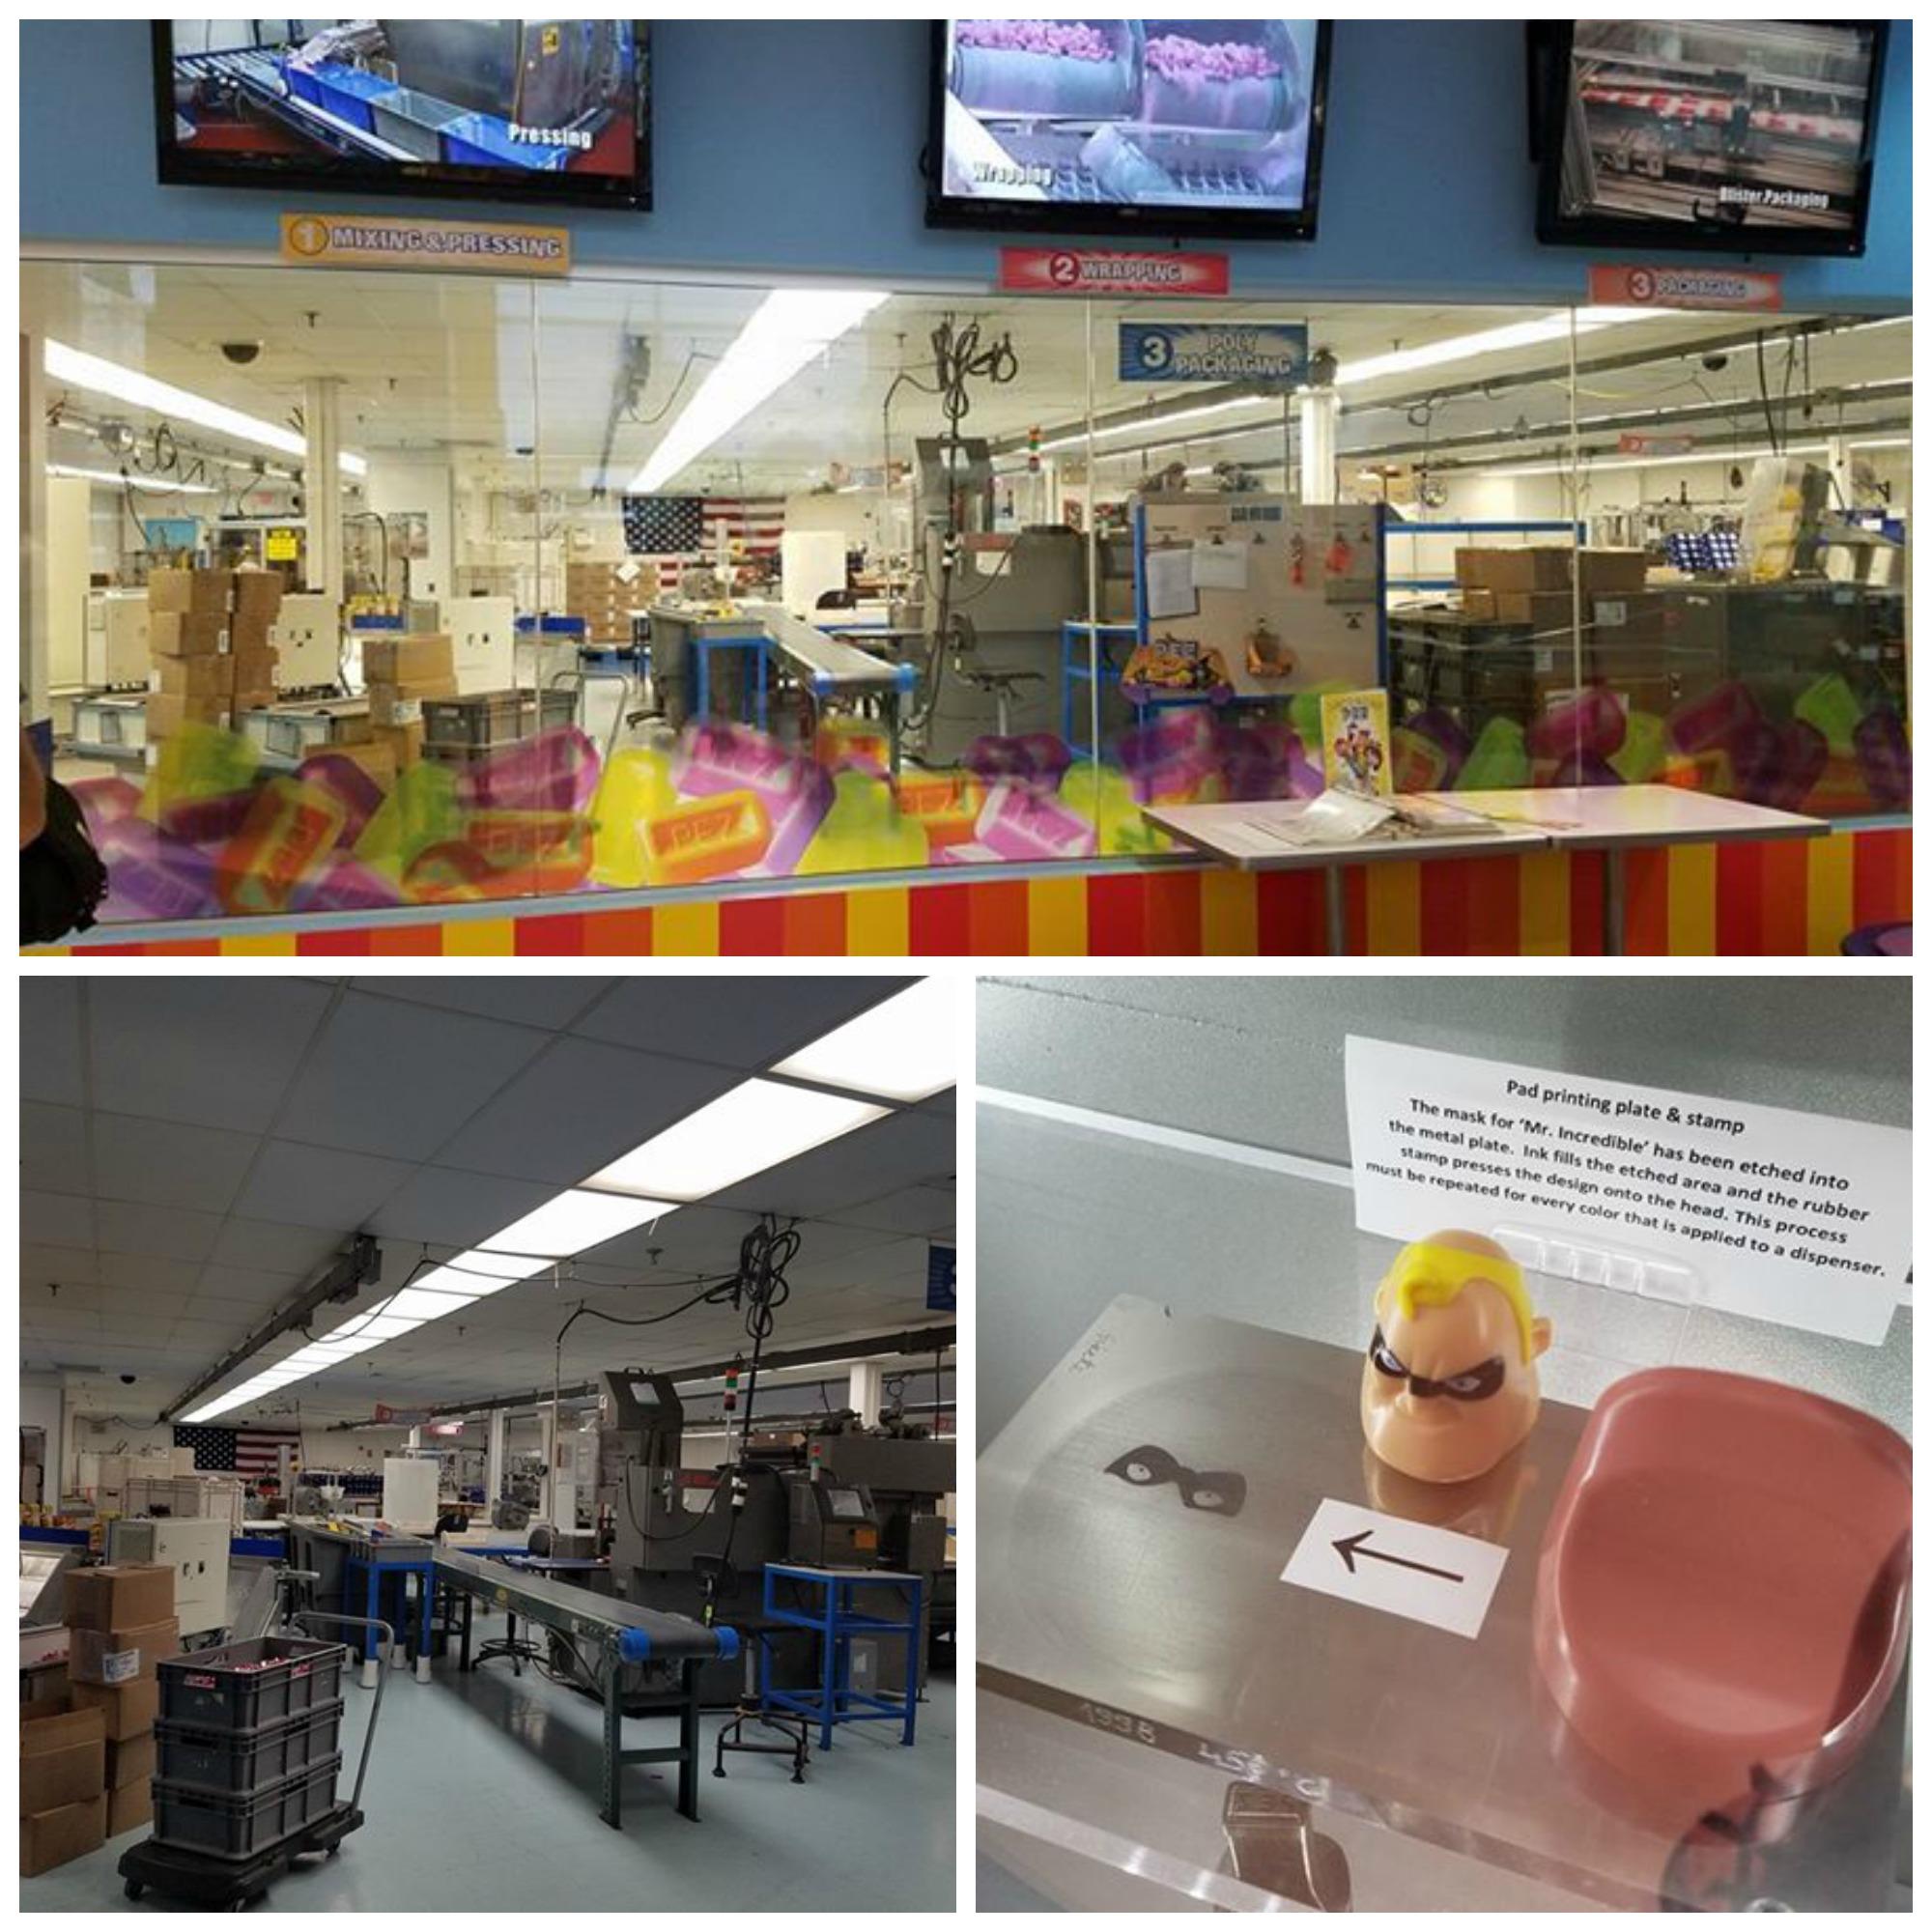 Pez Factory Tour